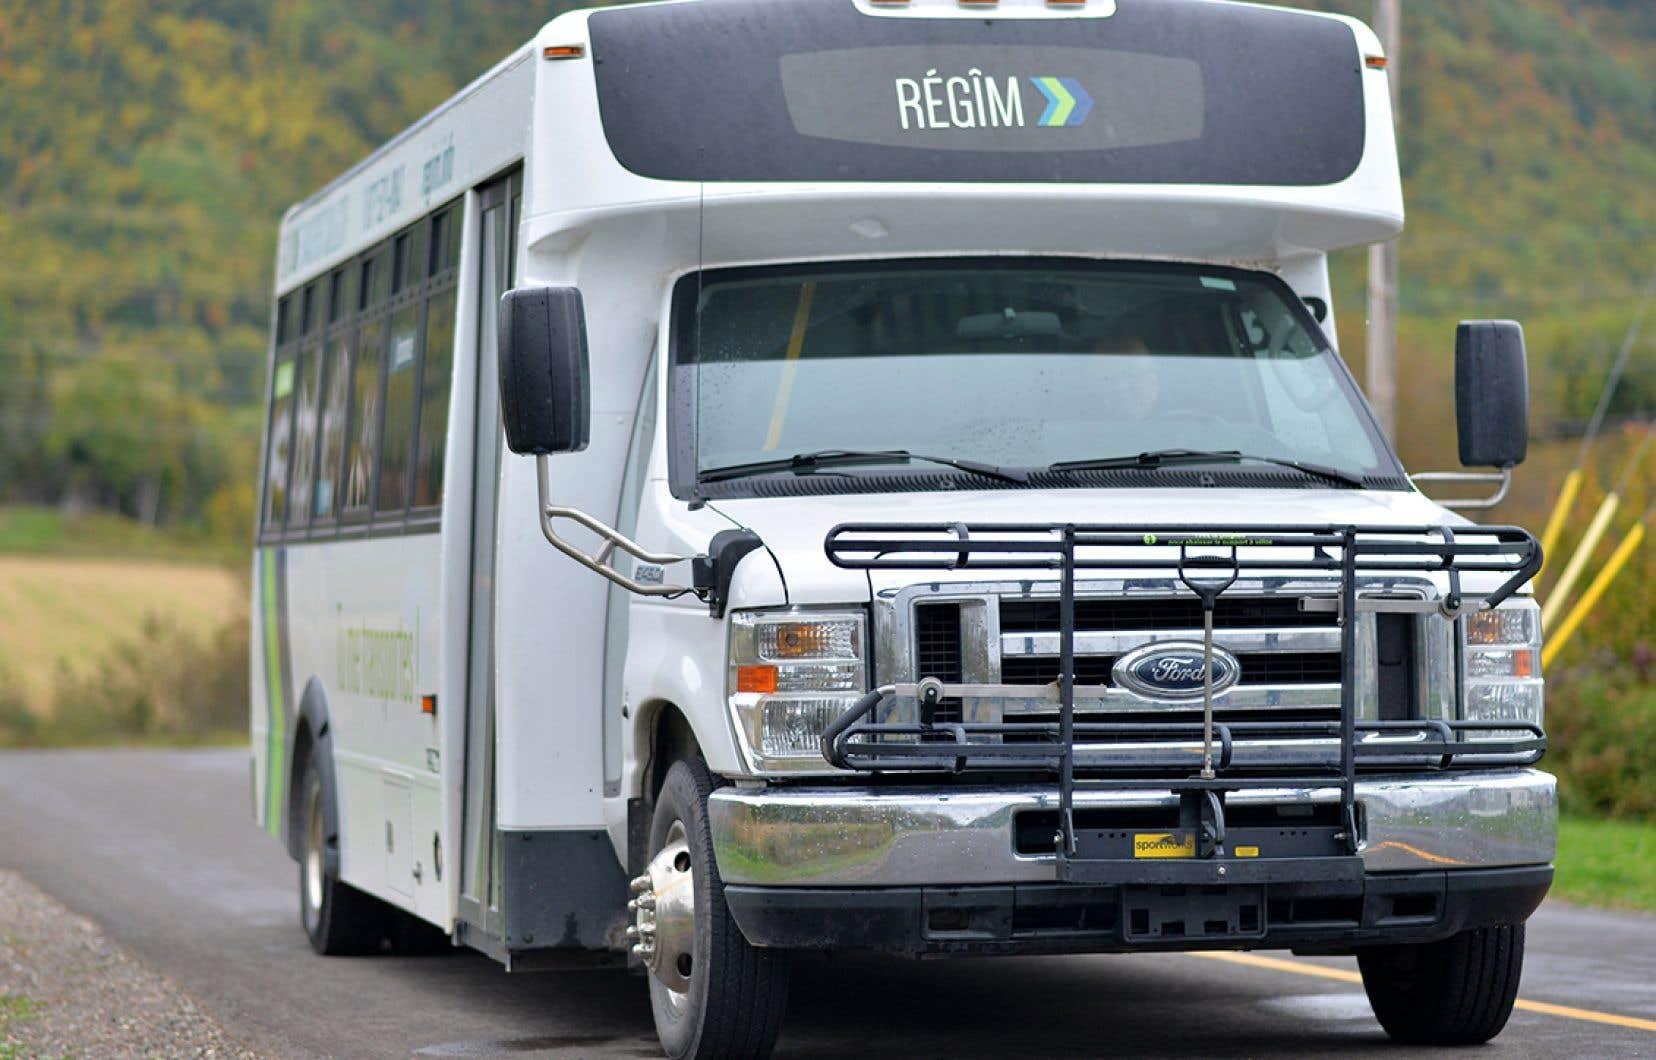 La REGIM mise sur des bus de 24 pieds pour ses lignes régulières sur le territoire de la Gaspésie–Îles-de-la-Madeleine.